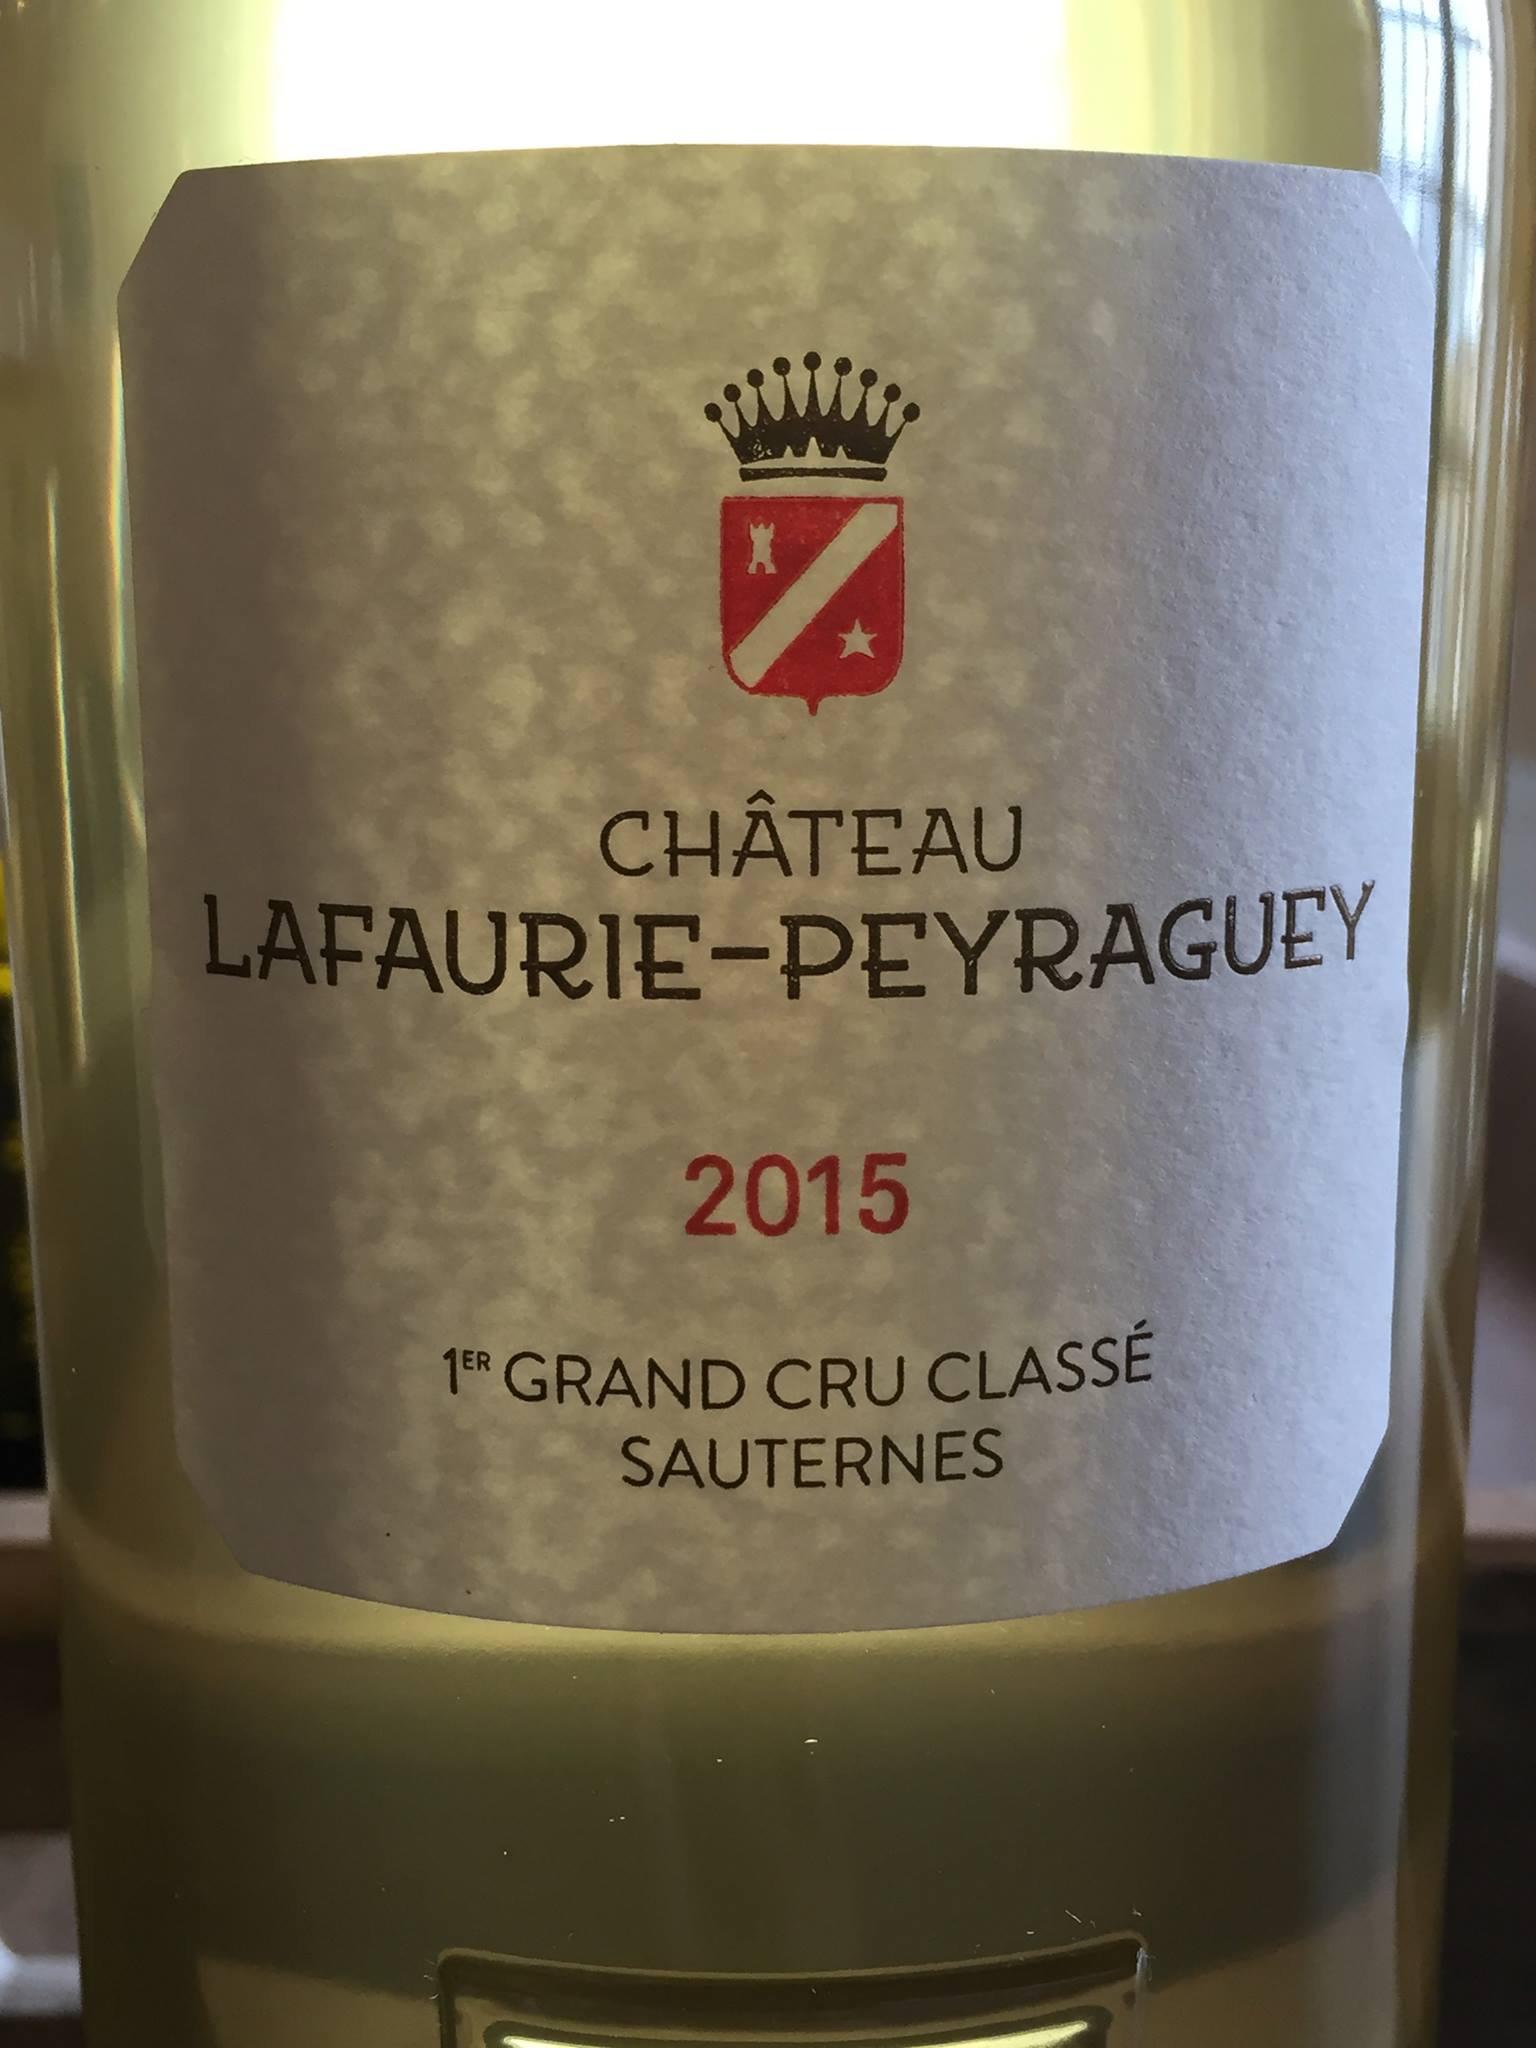 Château Lafaurie-Peyraguey 2015 – Sauternes, 1er Grand Cru Classé